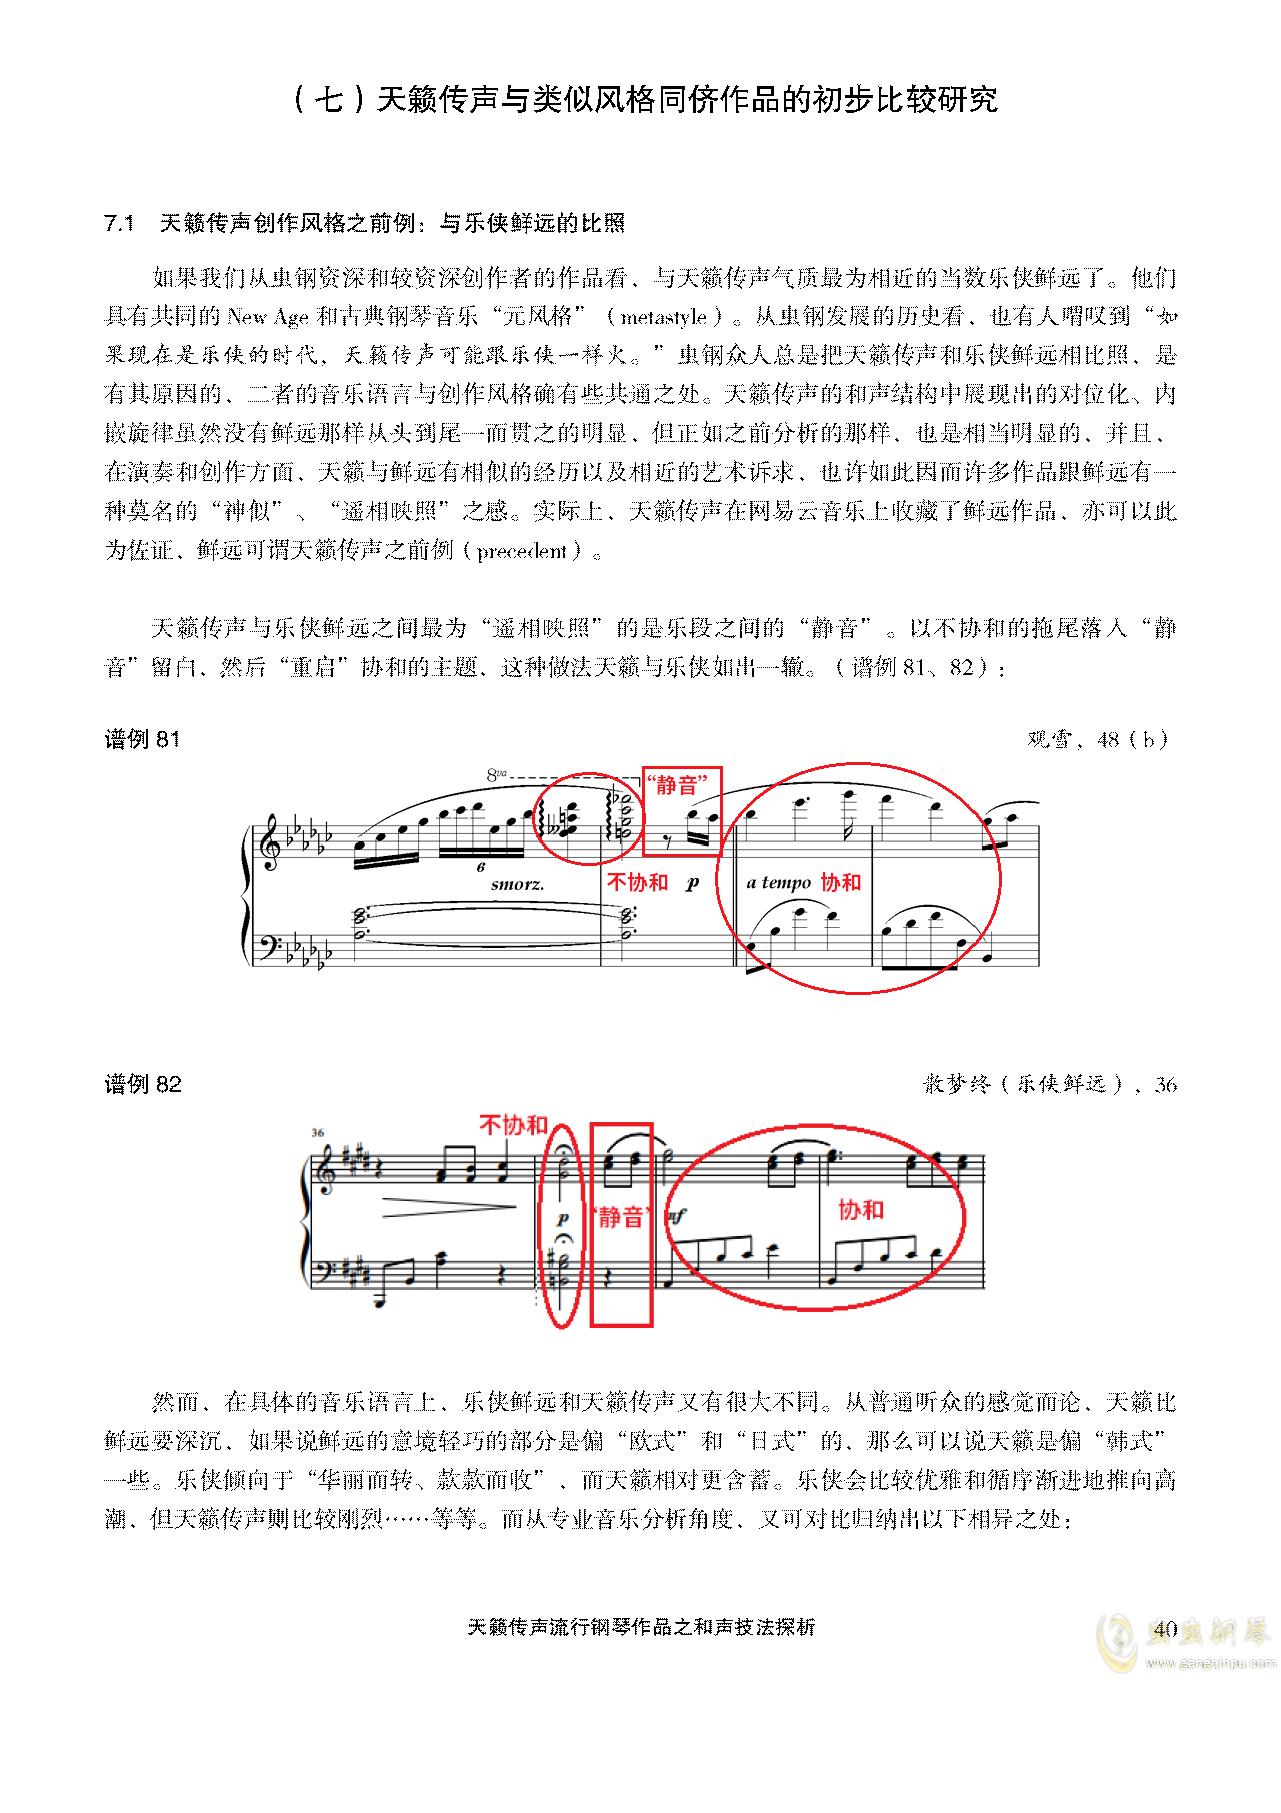 天籁传声和声技法探析澳门星际官网 第40页